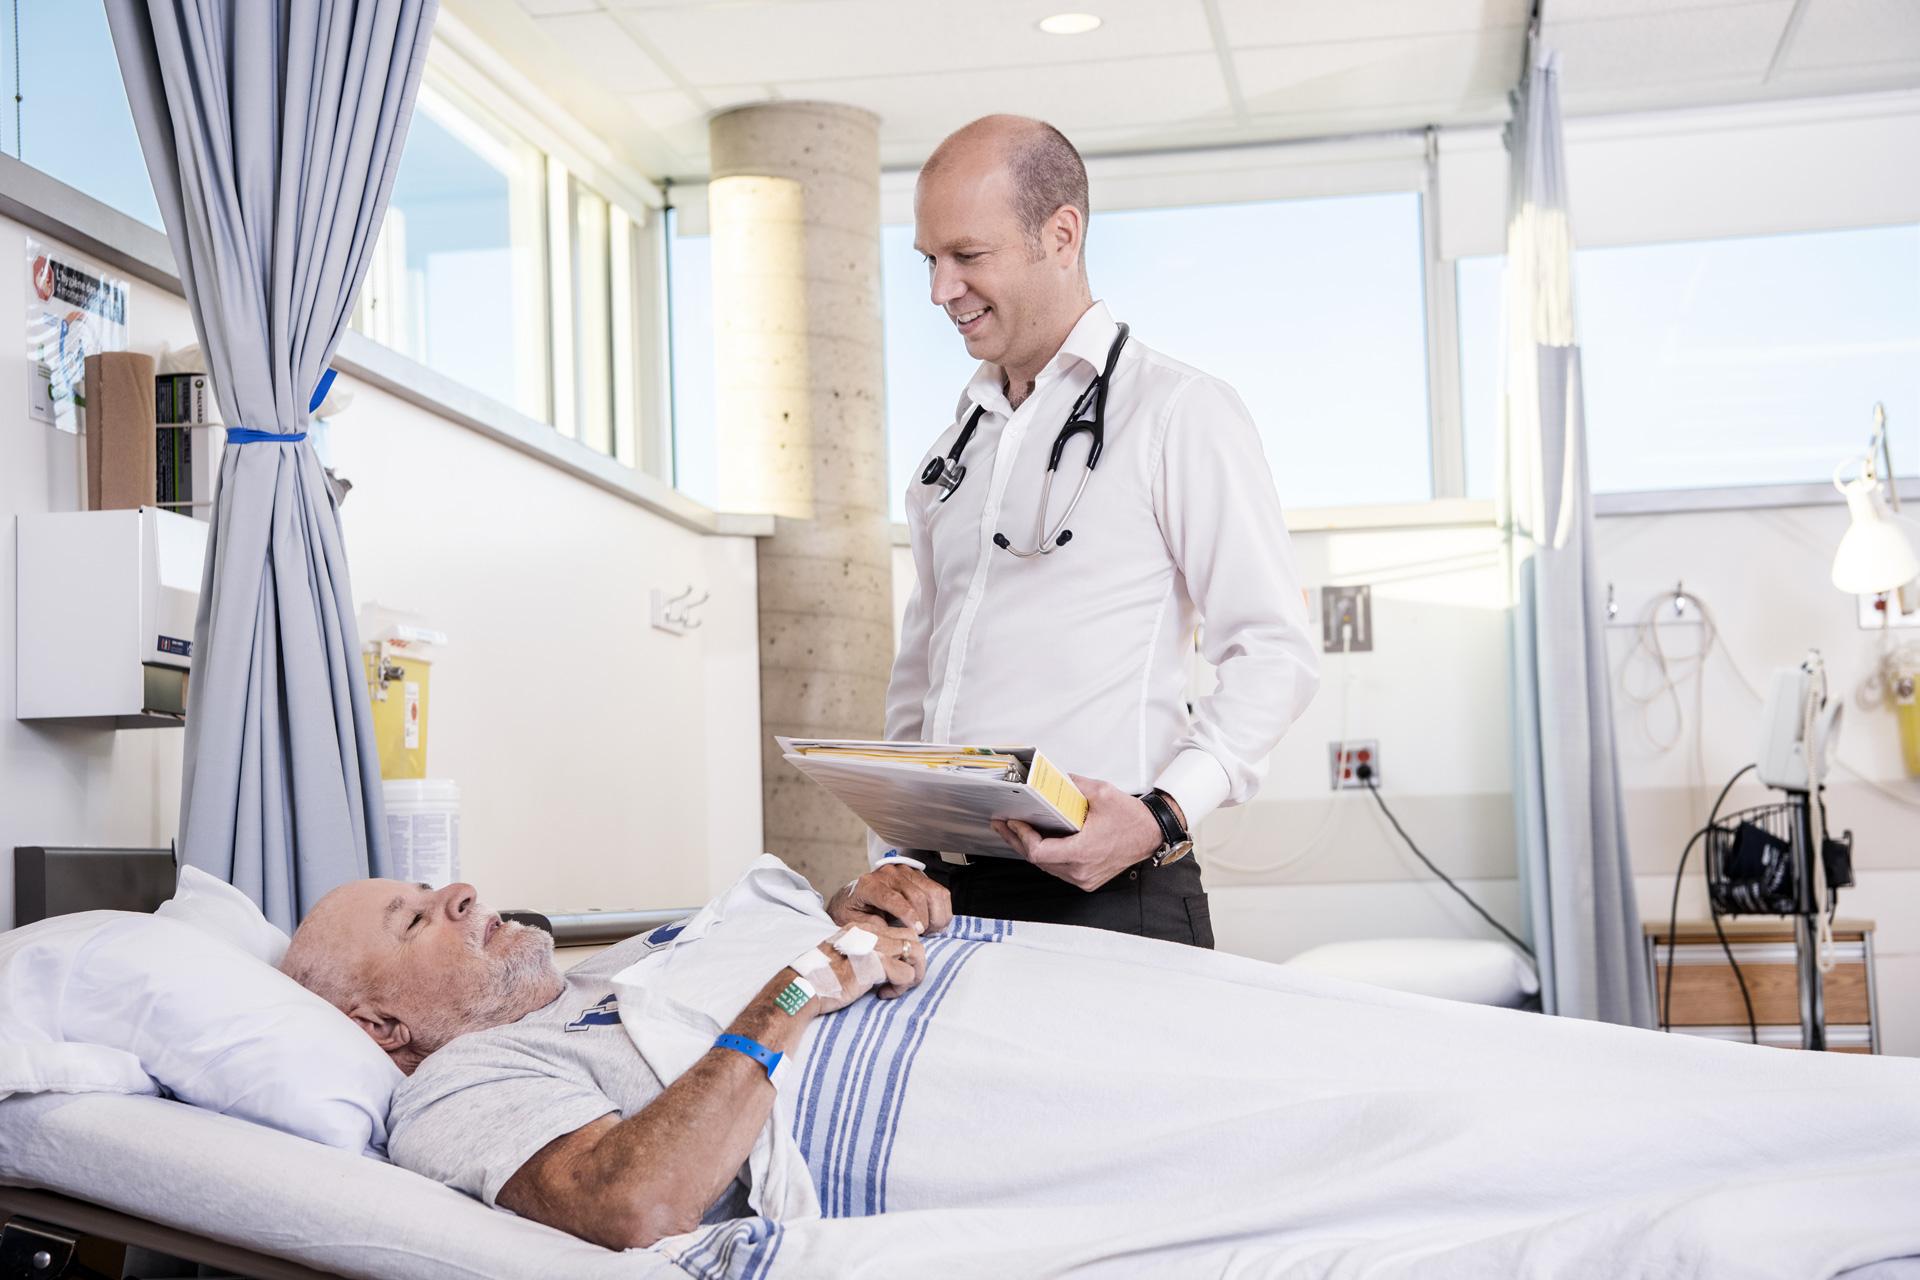 Dr. Jean-Philippe Lafrance - Néphrologue au Centre de recherche de l'Hôpital Maisonneuve-Rosemont Professeur agrégé, Département de pharmacologie et physiologie Université de Montréal